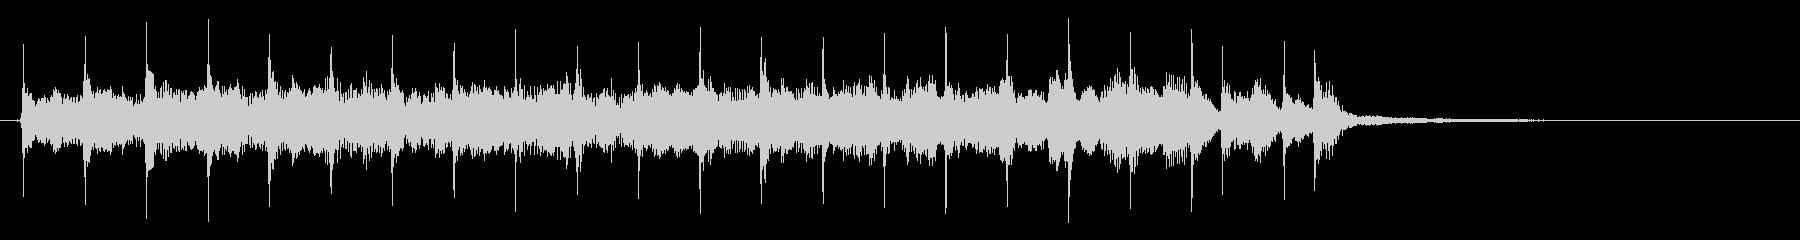 シンセジングル曲 ファンファーレ場面転換の未再生の波形